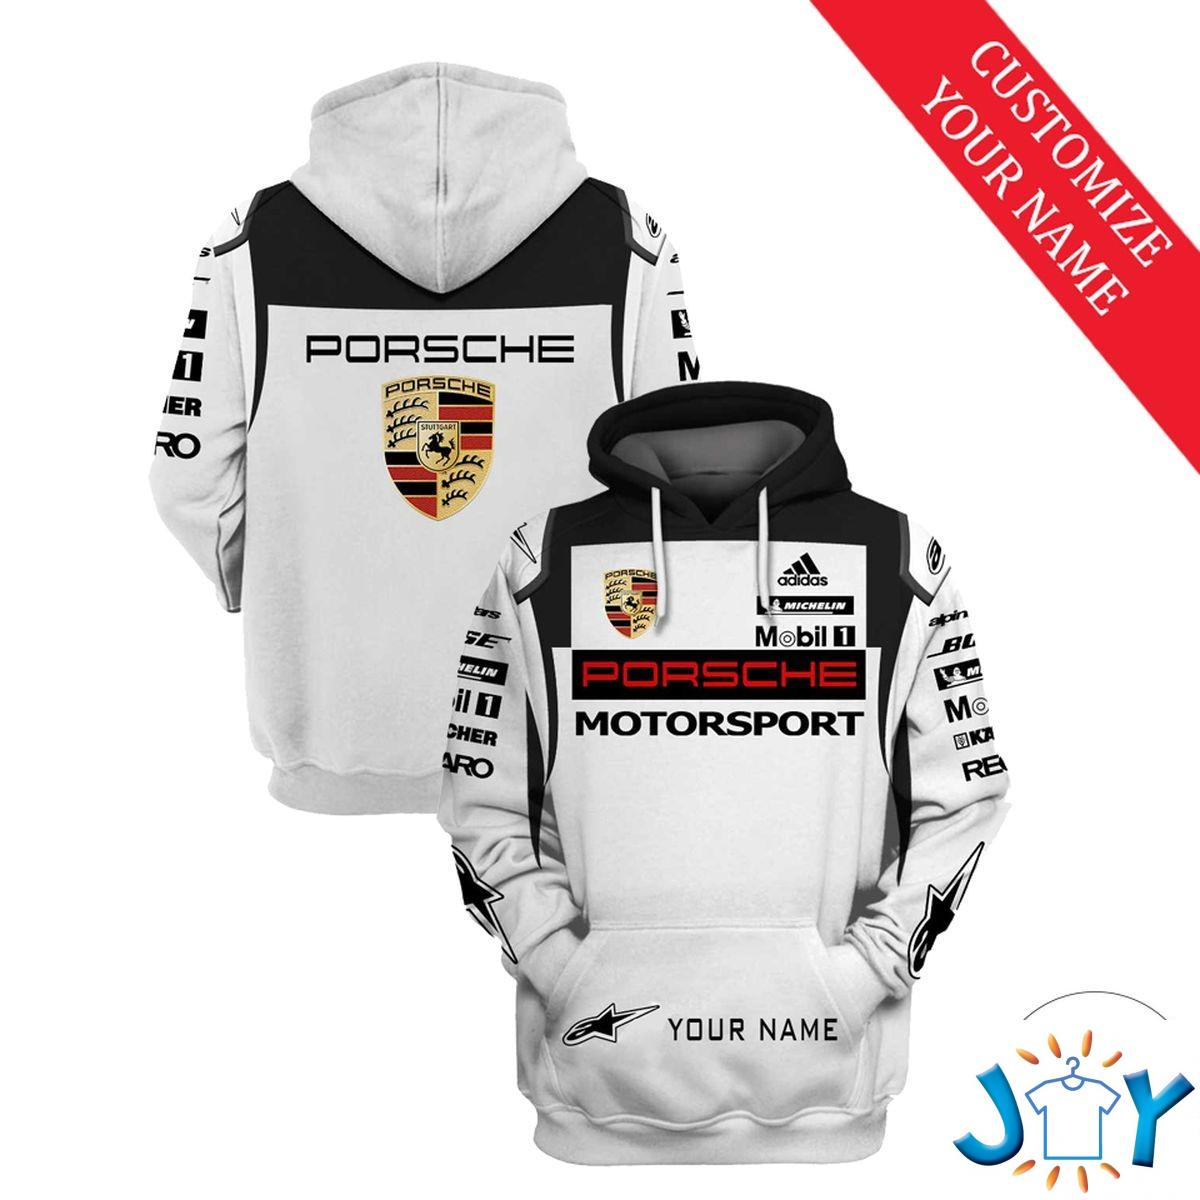 Personalized Porsche Motorsport 3D Hoodie